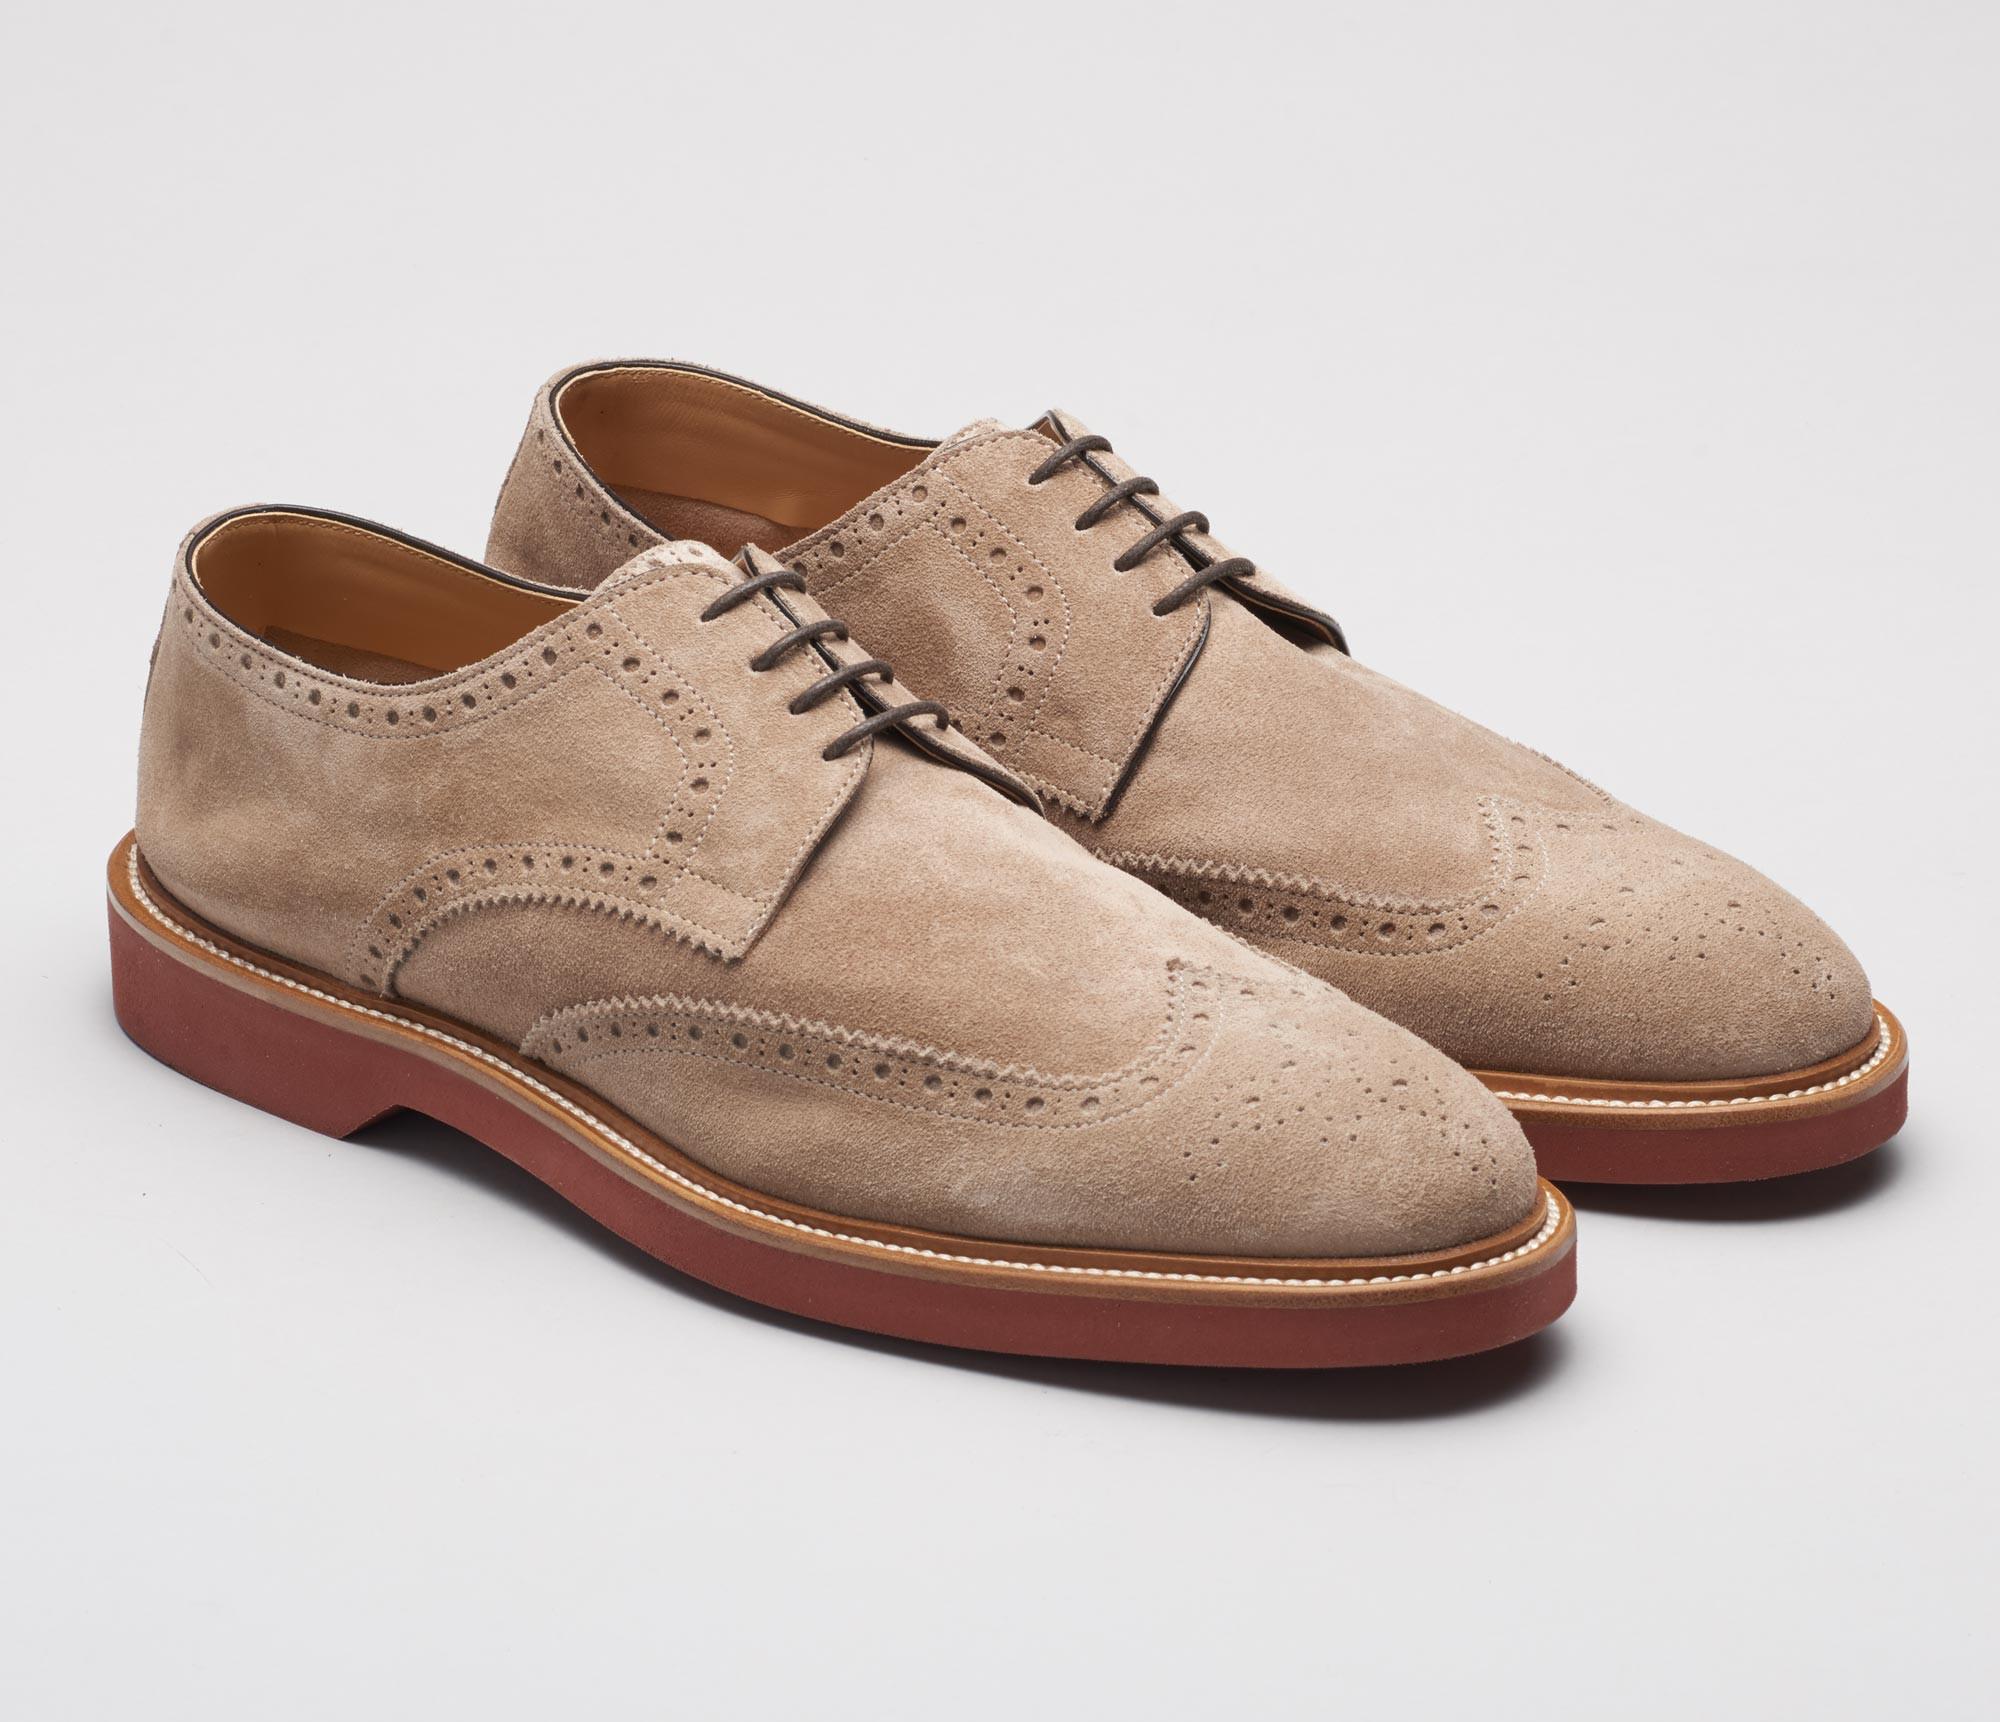 Lodi Avola Men's Derby Shoes